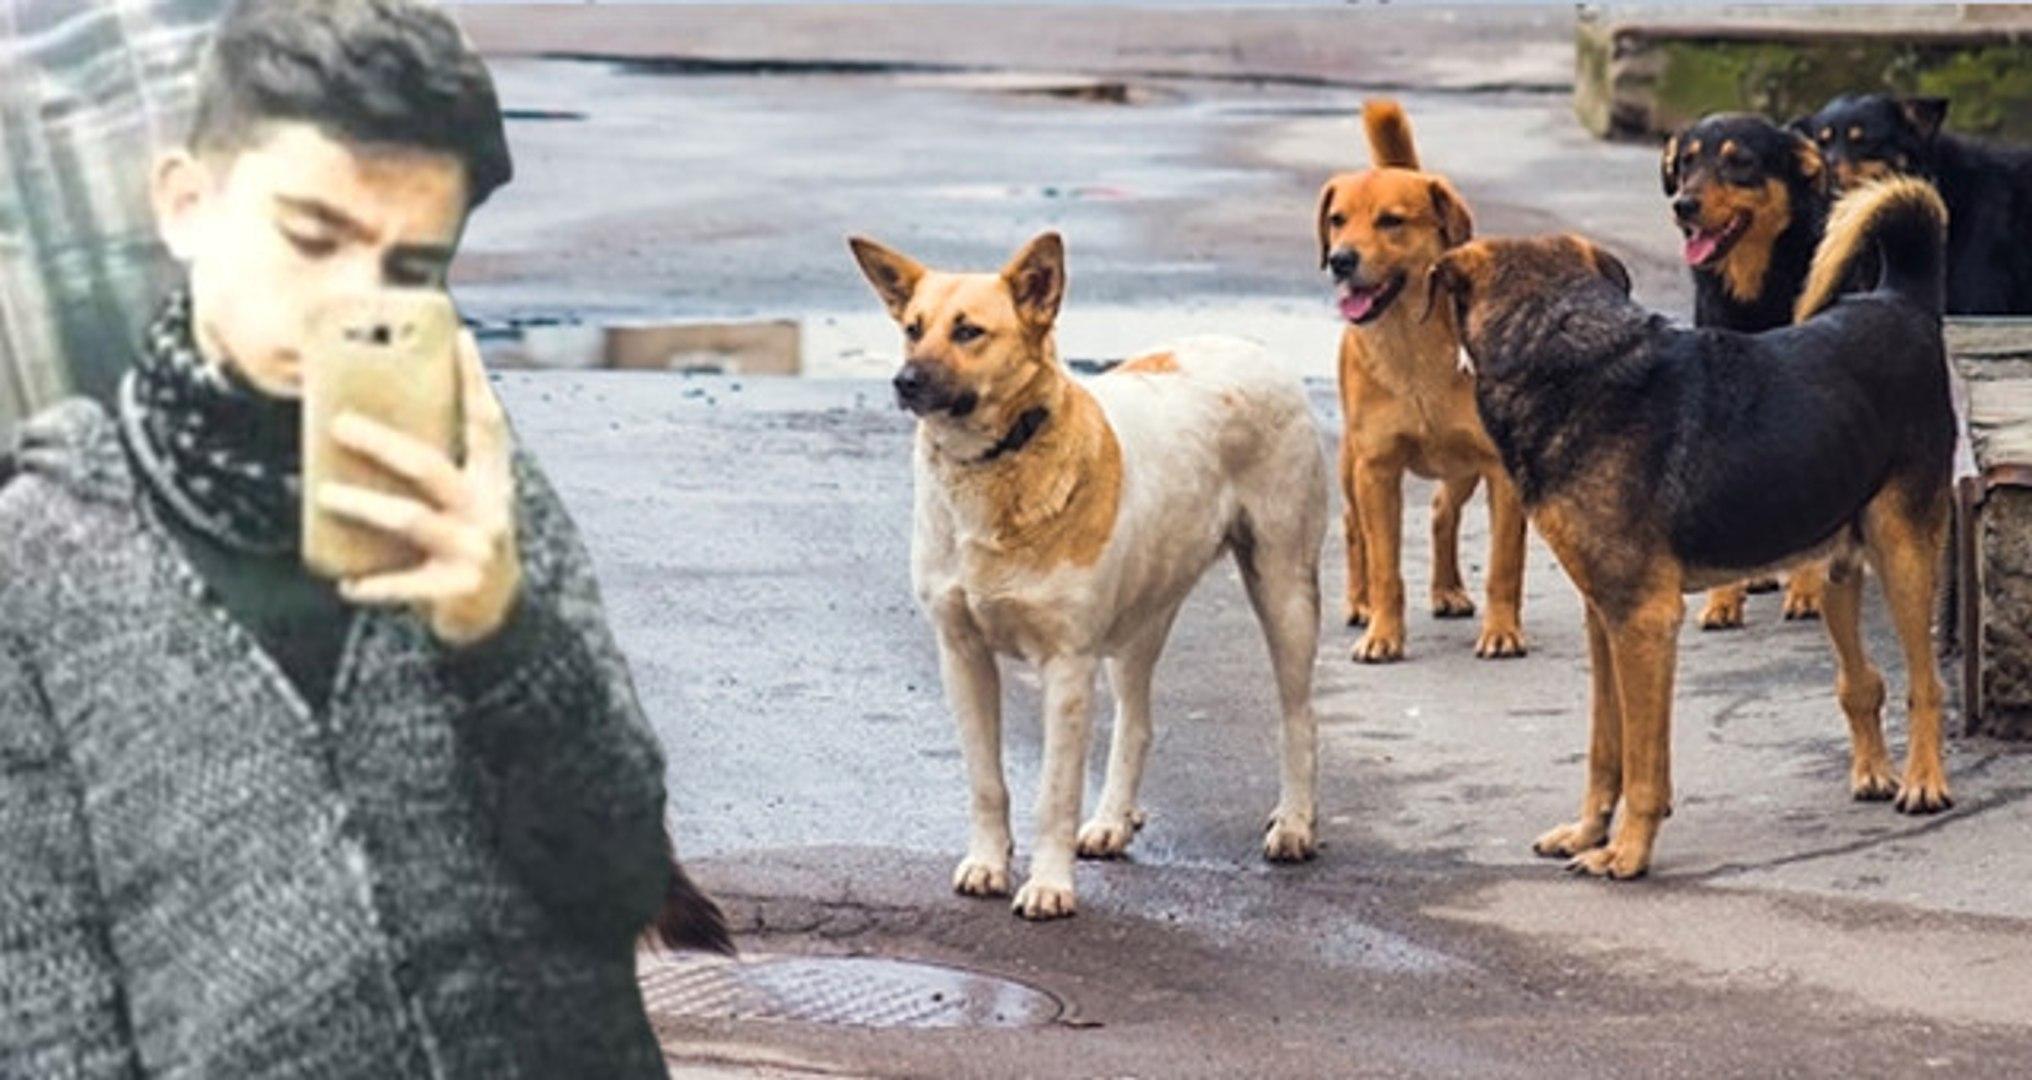 Kayseri'de Liseli Genci Parçalayarak Öldüren Sokak Köpekleri, Dehşet Saçmaya Devam Ediyor